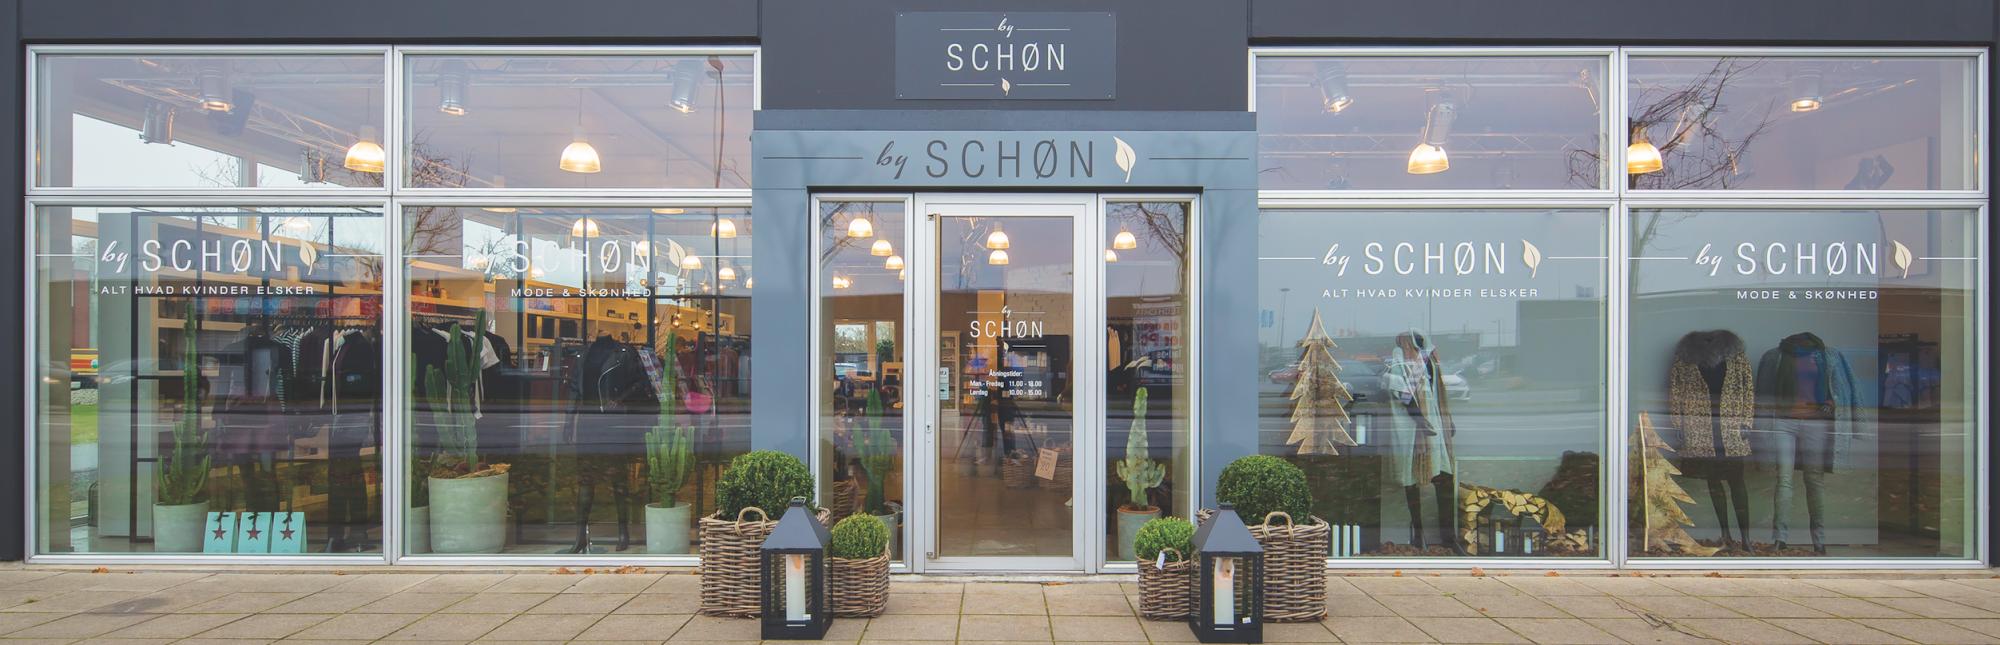 Butikken By Schøn i Aalborg - Billede til Om By Schøn og Lone Schøn Oldhøj